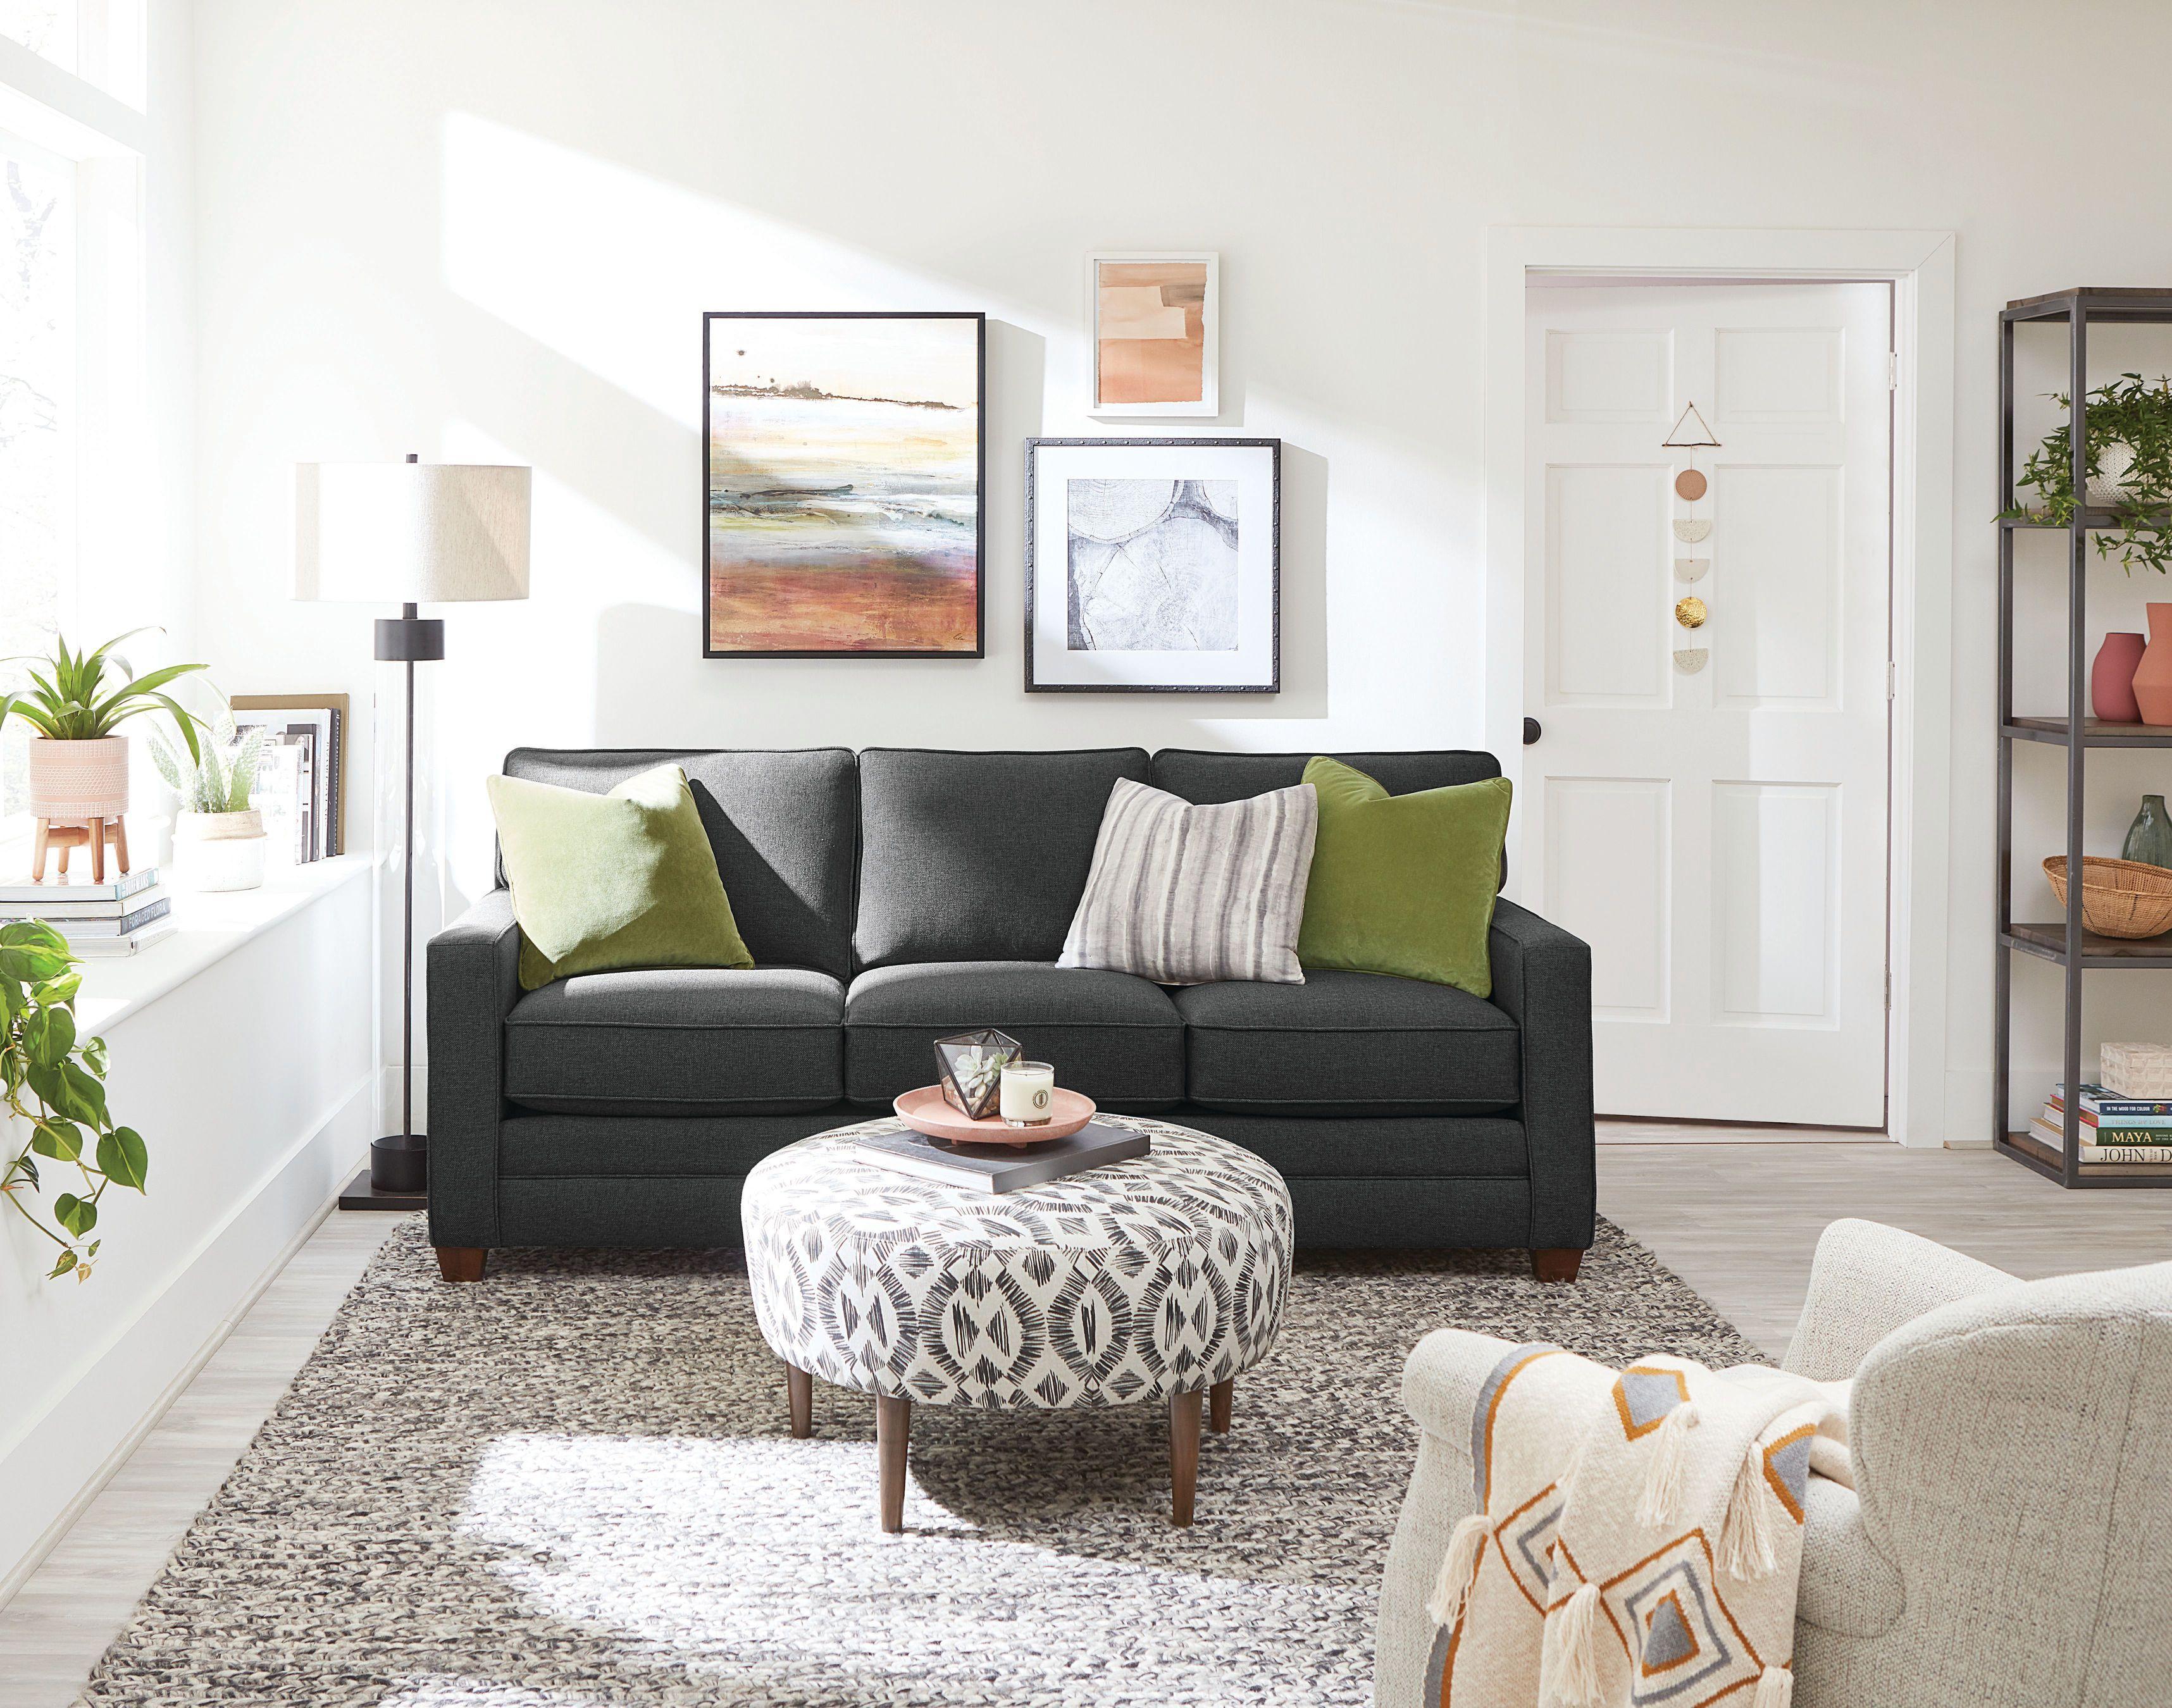 100 Living Room Ideas In 2020 Bassett Furniture Living Room